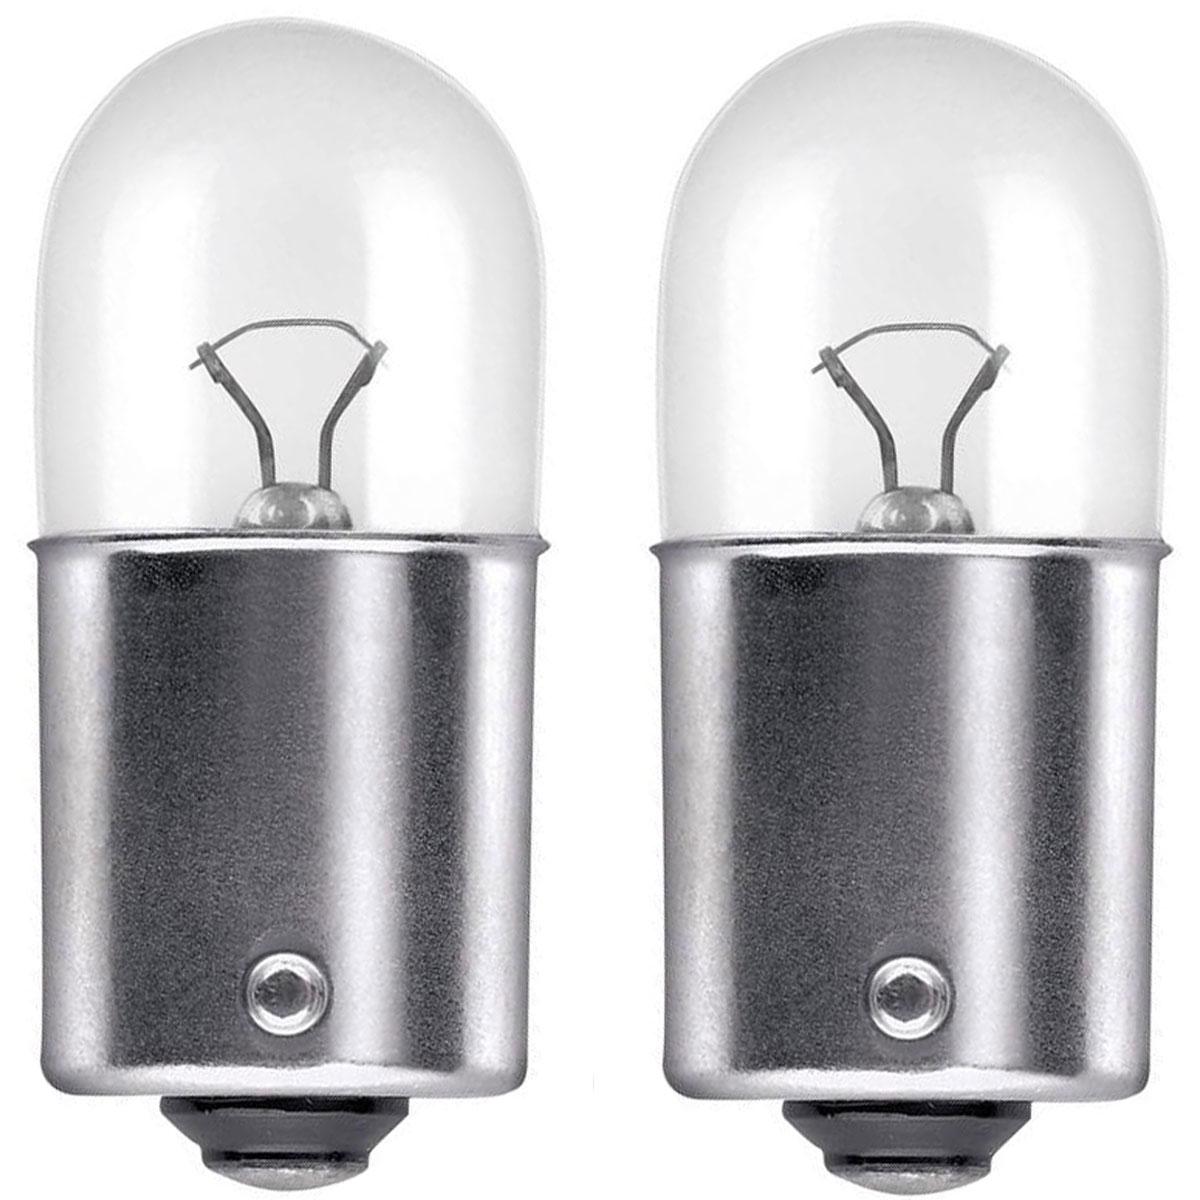 Лампа автомобильная галогенная Philips Vision, сигнальная, цоколь R10W (BA15s), 12V, 10W, 2 шт531-402Автомобильная лампа Philips Vision изготовлена из запатентованного кварцевого стекла с УФ-фильтром Philips Quartz Glass. Кварцевое стекло в отличие от обычного стекла выдерживает гораздо большее давление и больший перепад температур. При попадании влаги на работающую лампу, лампа не взрывается и продолжает работать. Лампа Philips Vision производит на 30% больше света по сравнению со стандартной лампой, благодаря чему стоп-сигналы или указатели поворота будут заметны с большего расстояния. Лампа Philips Vision отличается высокой эффективностью, соответствуя всем современным требованиям.